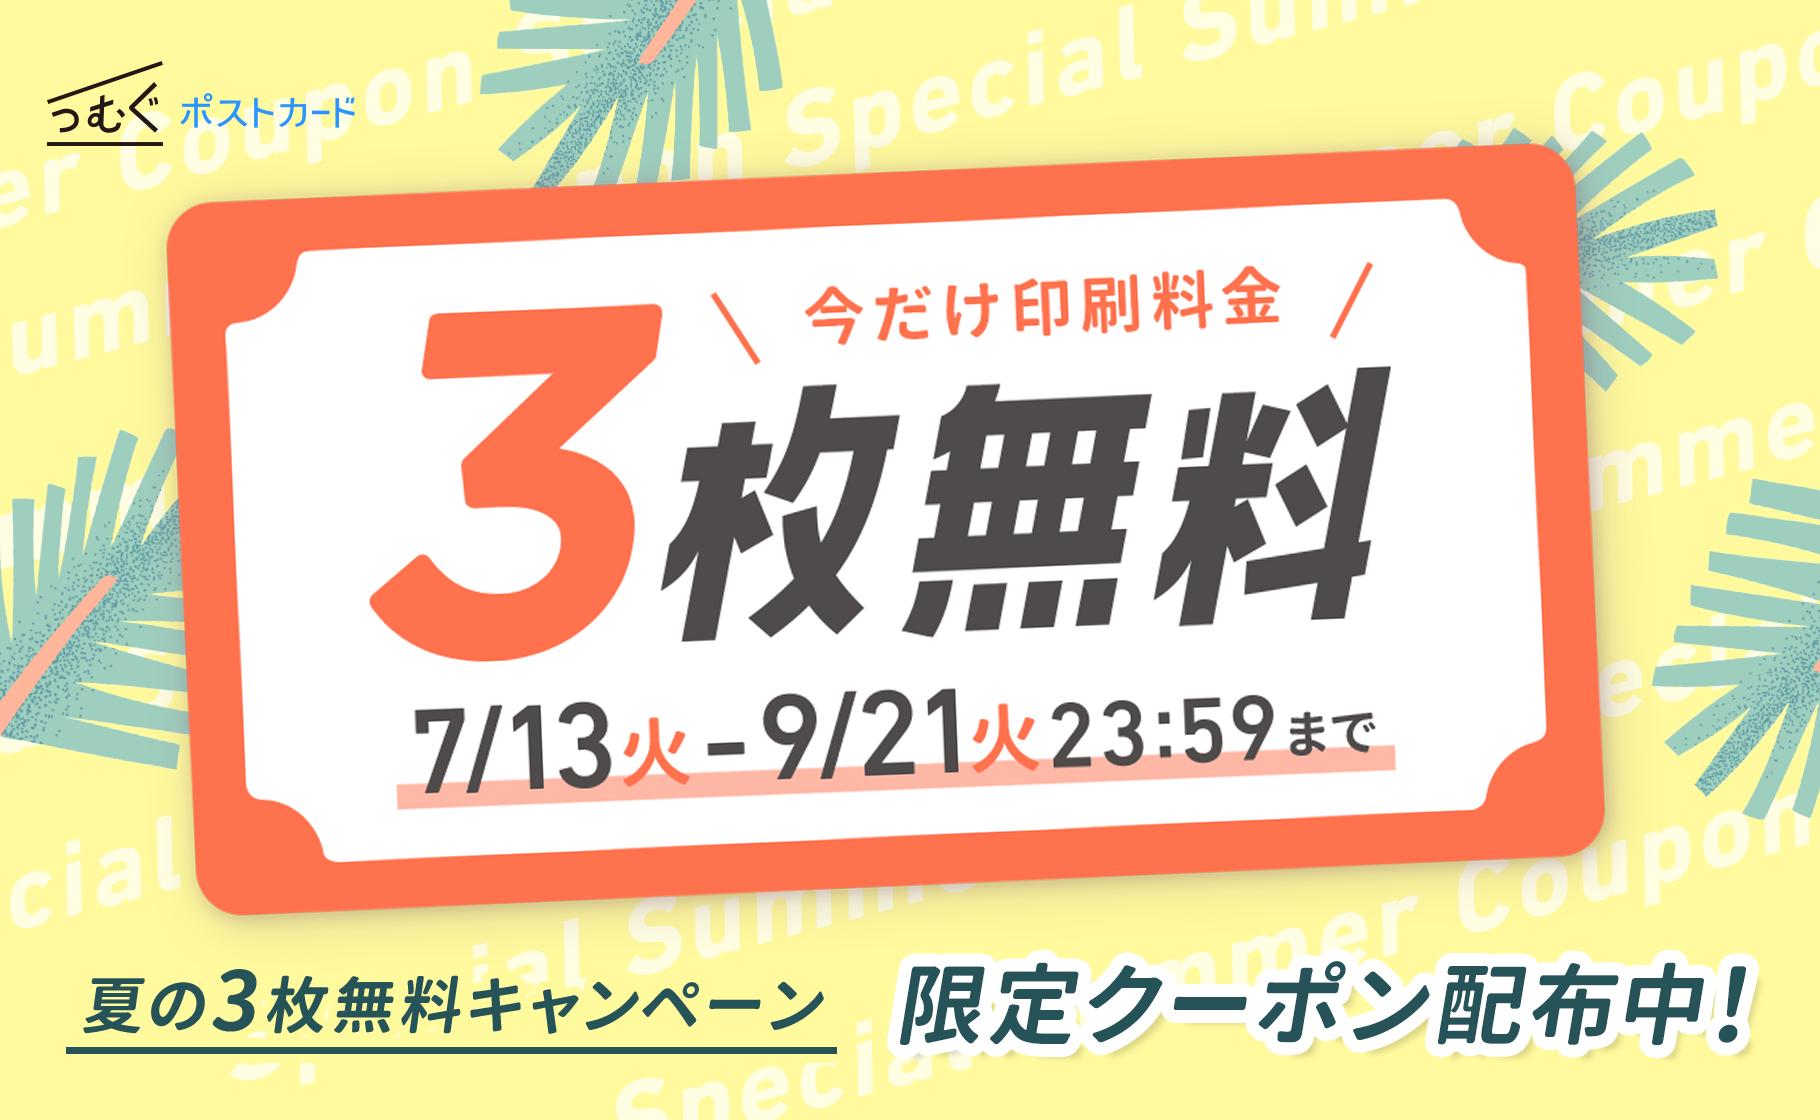 【つむぐポストカード】この夏もはがきで元気を届けよう!『夏の3枚無料キャンペーン』開始